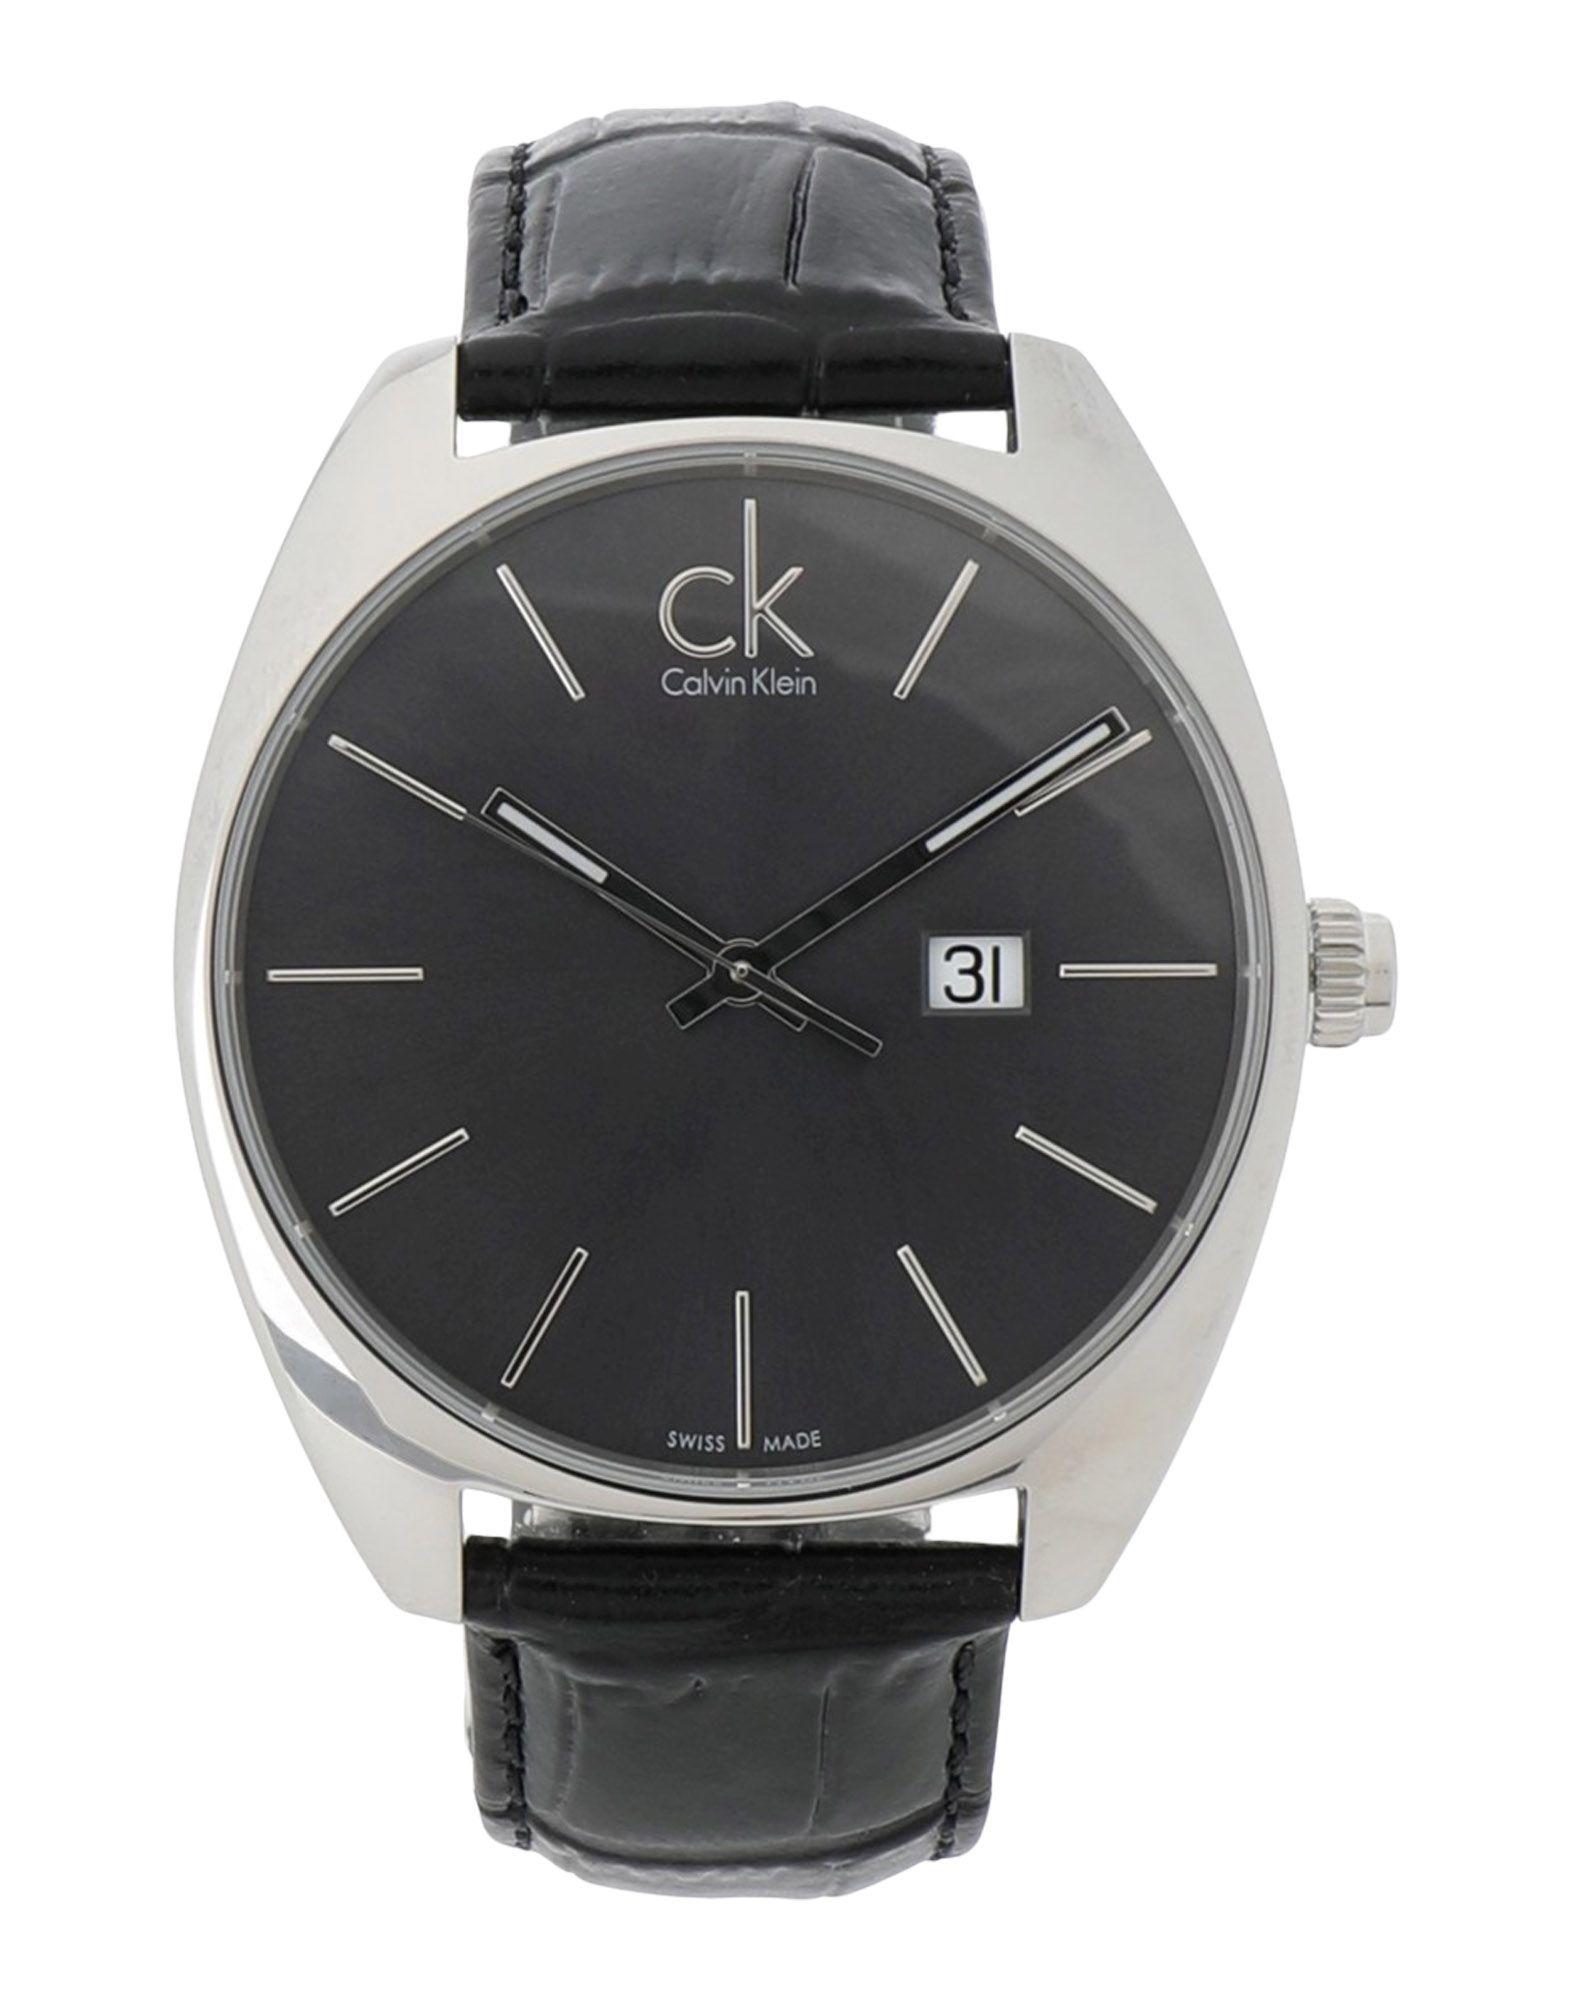 купить CK CALVIN KLEIN Наручные часы дешево